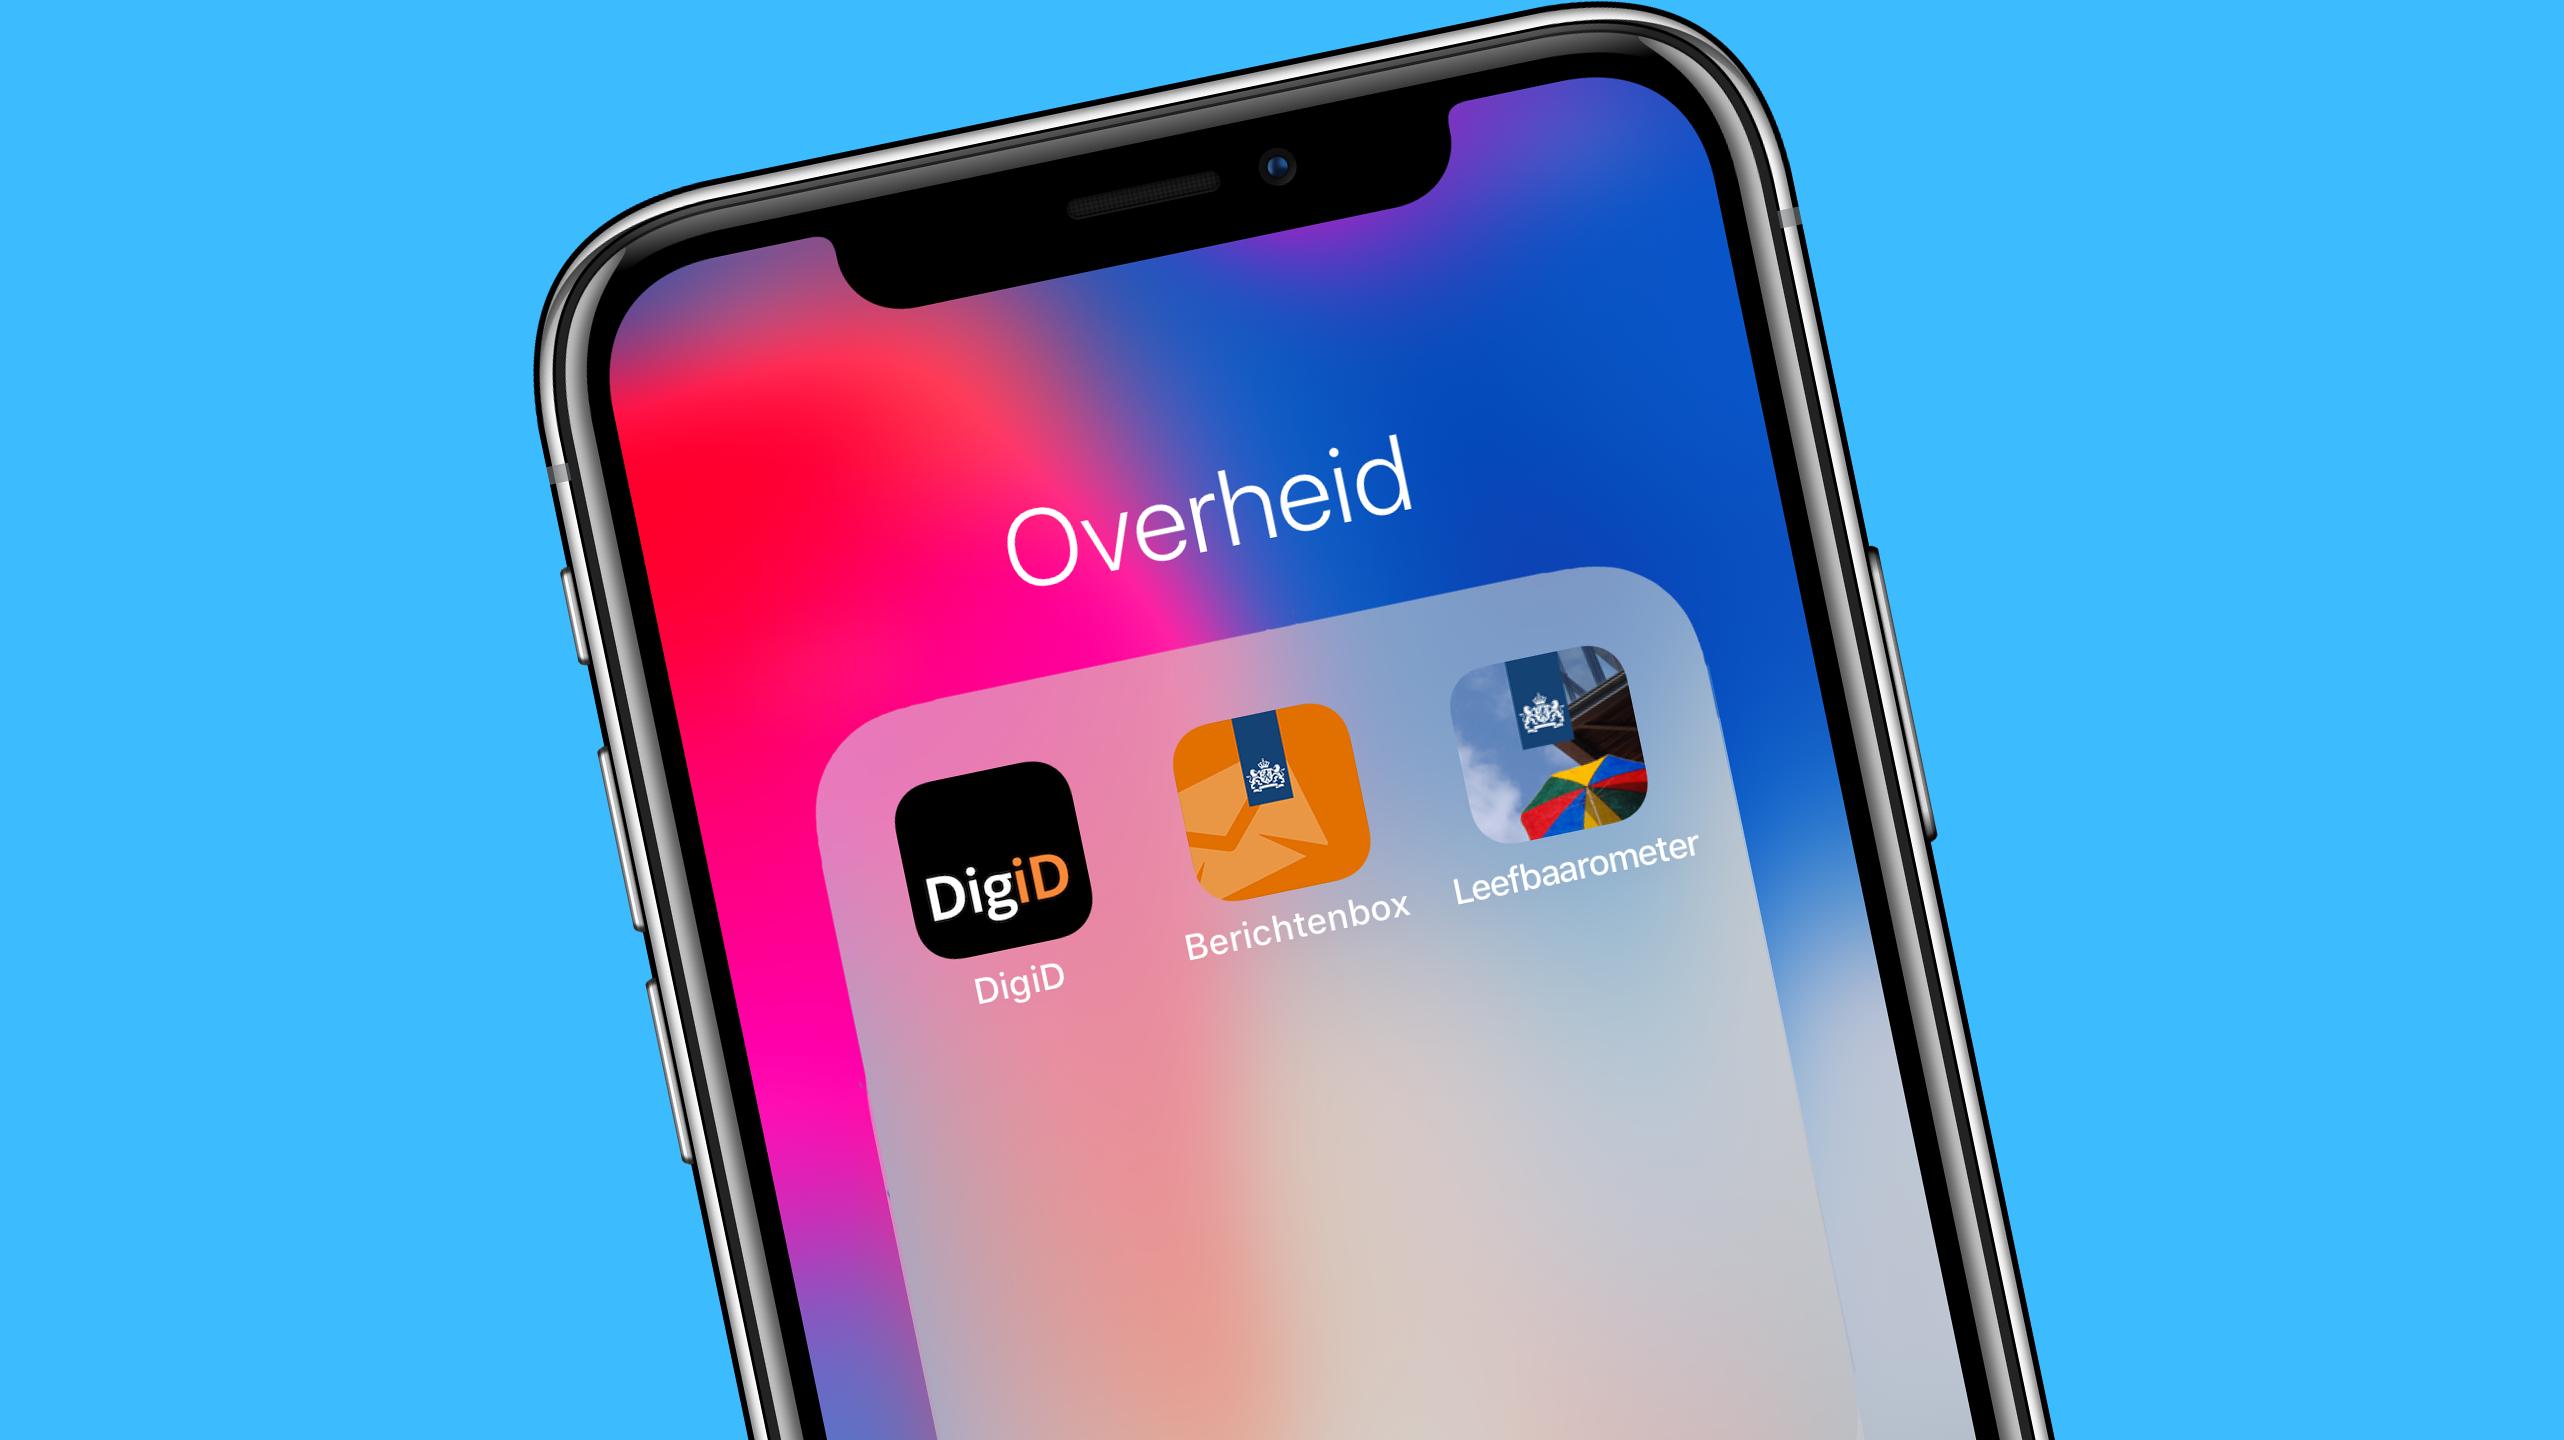 Berichtenbox beste apps ios Android